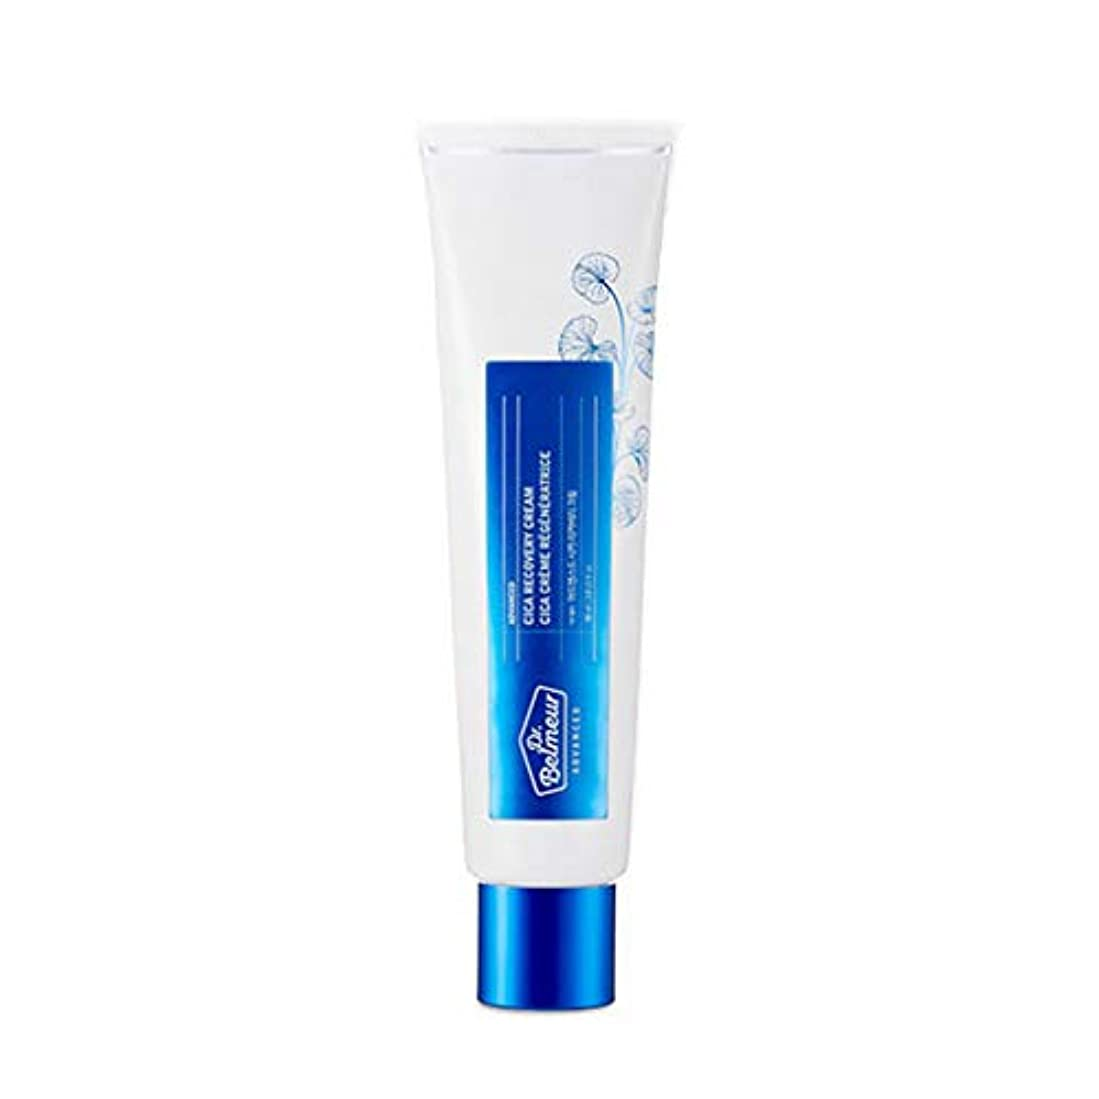 ポンド介入する悔い改めるザ?フェイスショップドクターベルモアドバンスドシカリカバリークリーム60ml 韓国コスメ、The Face Shop Dr.Belmeur Advanced Cica Recovery Cream 60ml Korean...